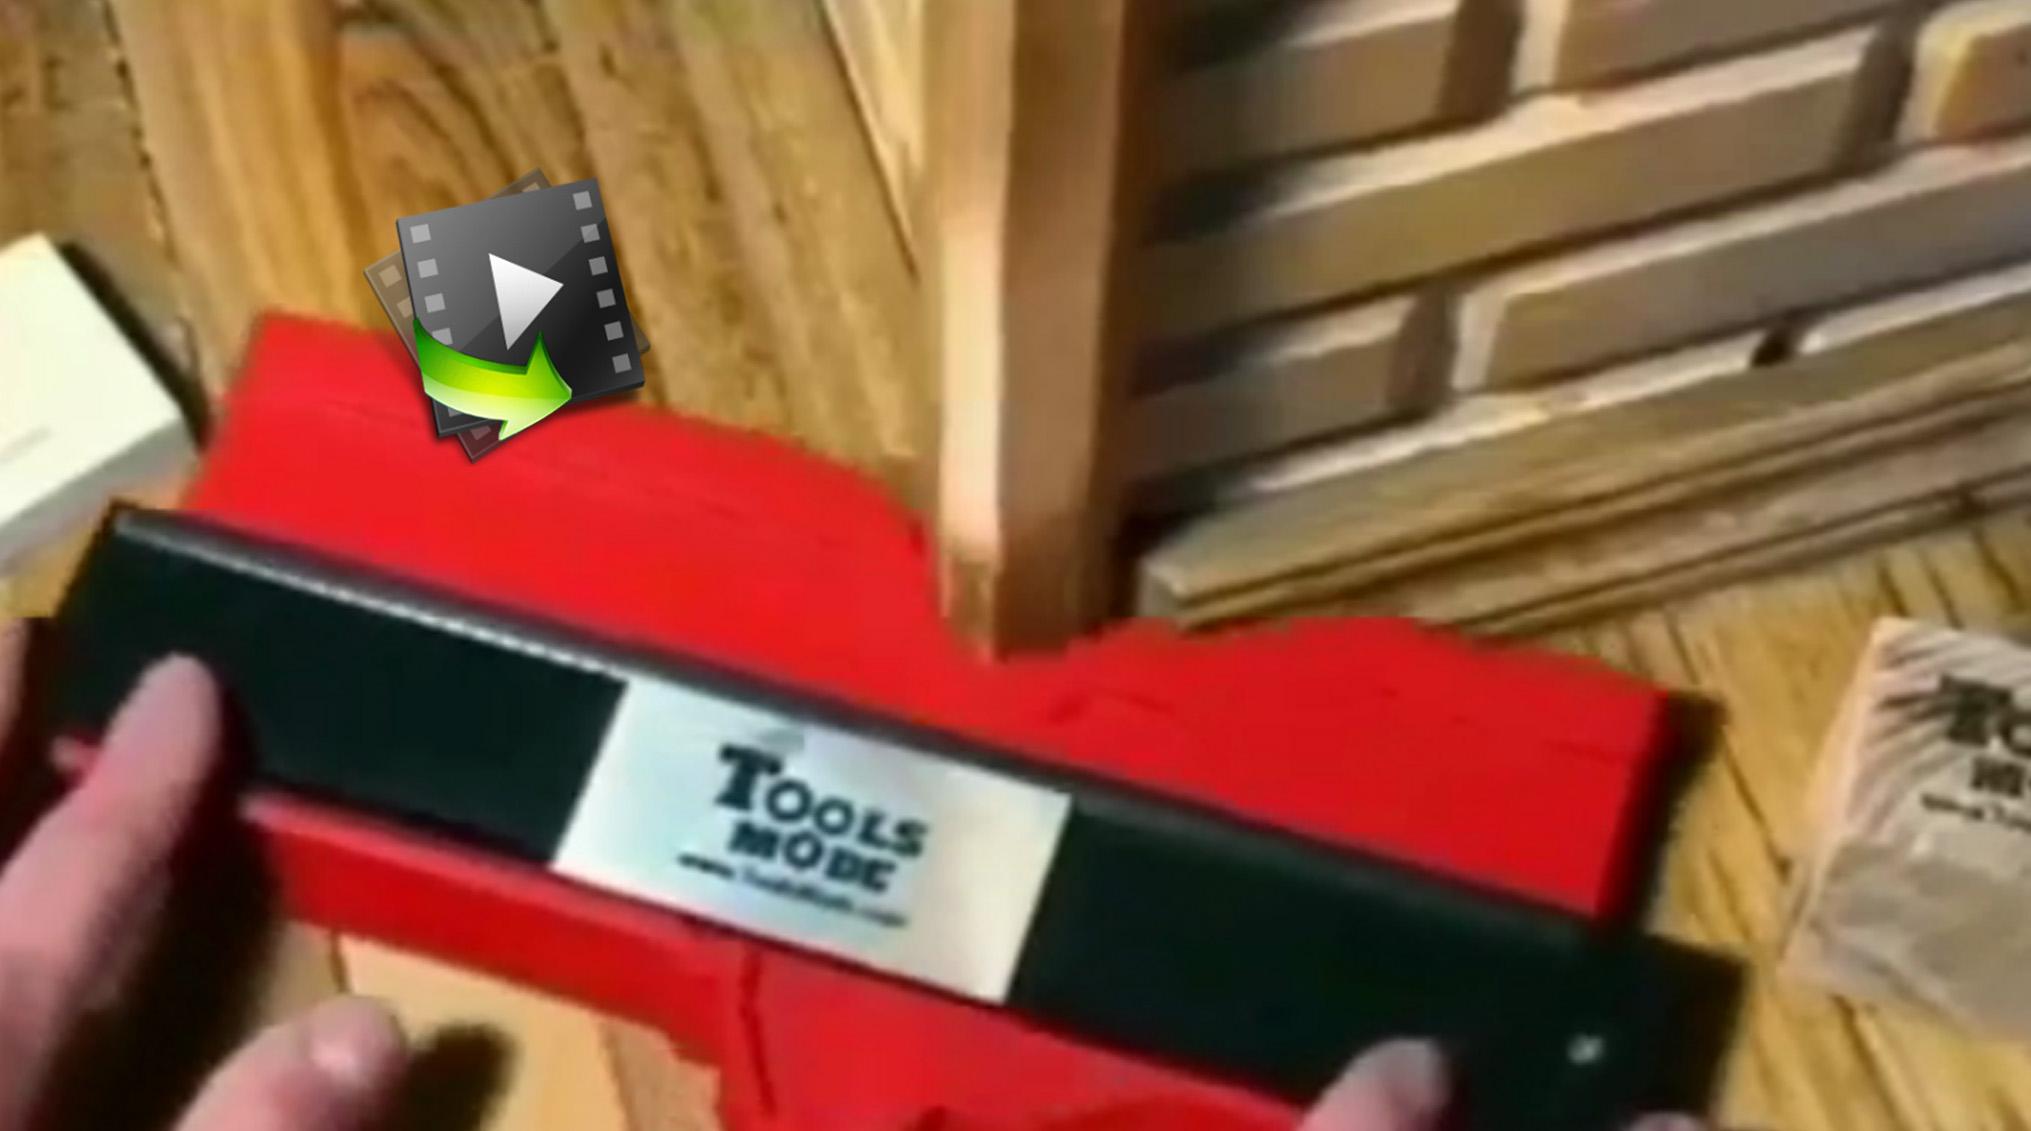 ابزار برش دقیق جهت استفاده برای گوشه ها و لبه ها